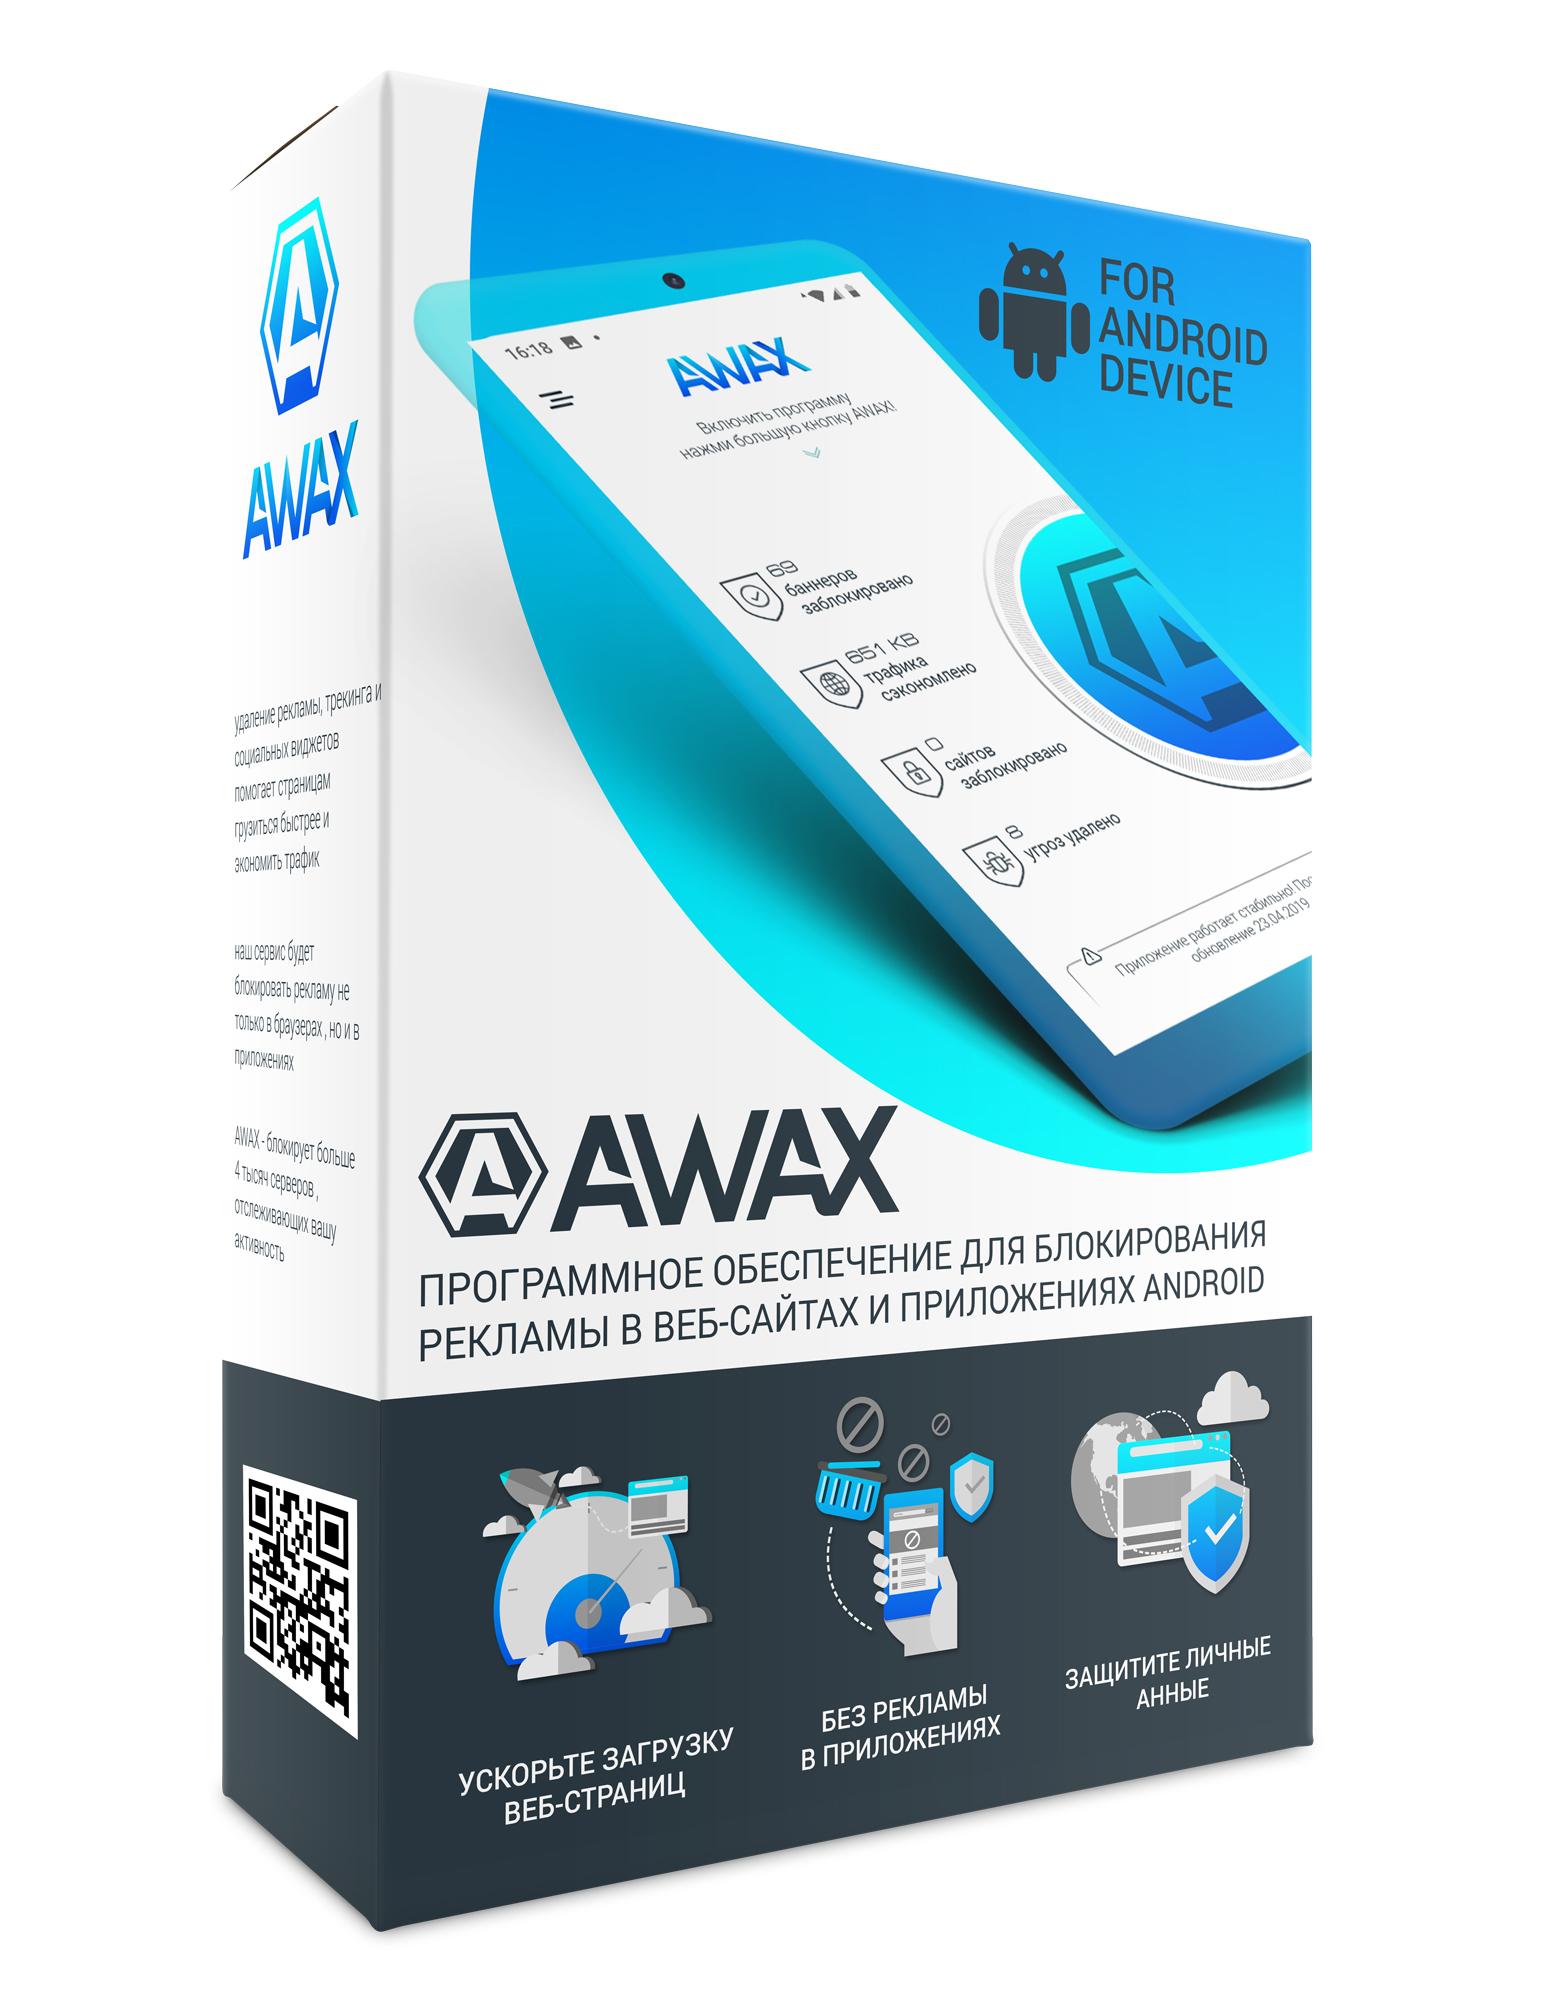 awax блокировщик рекламы